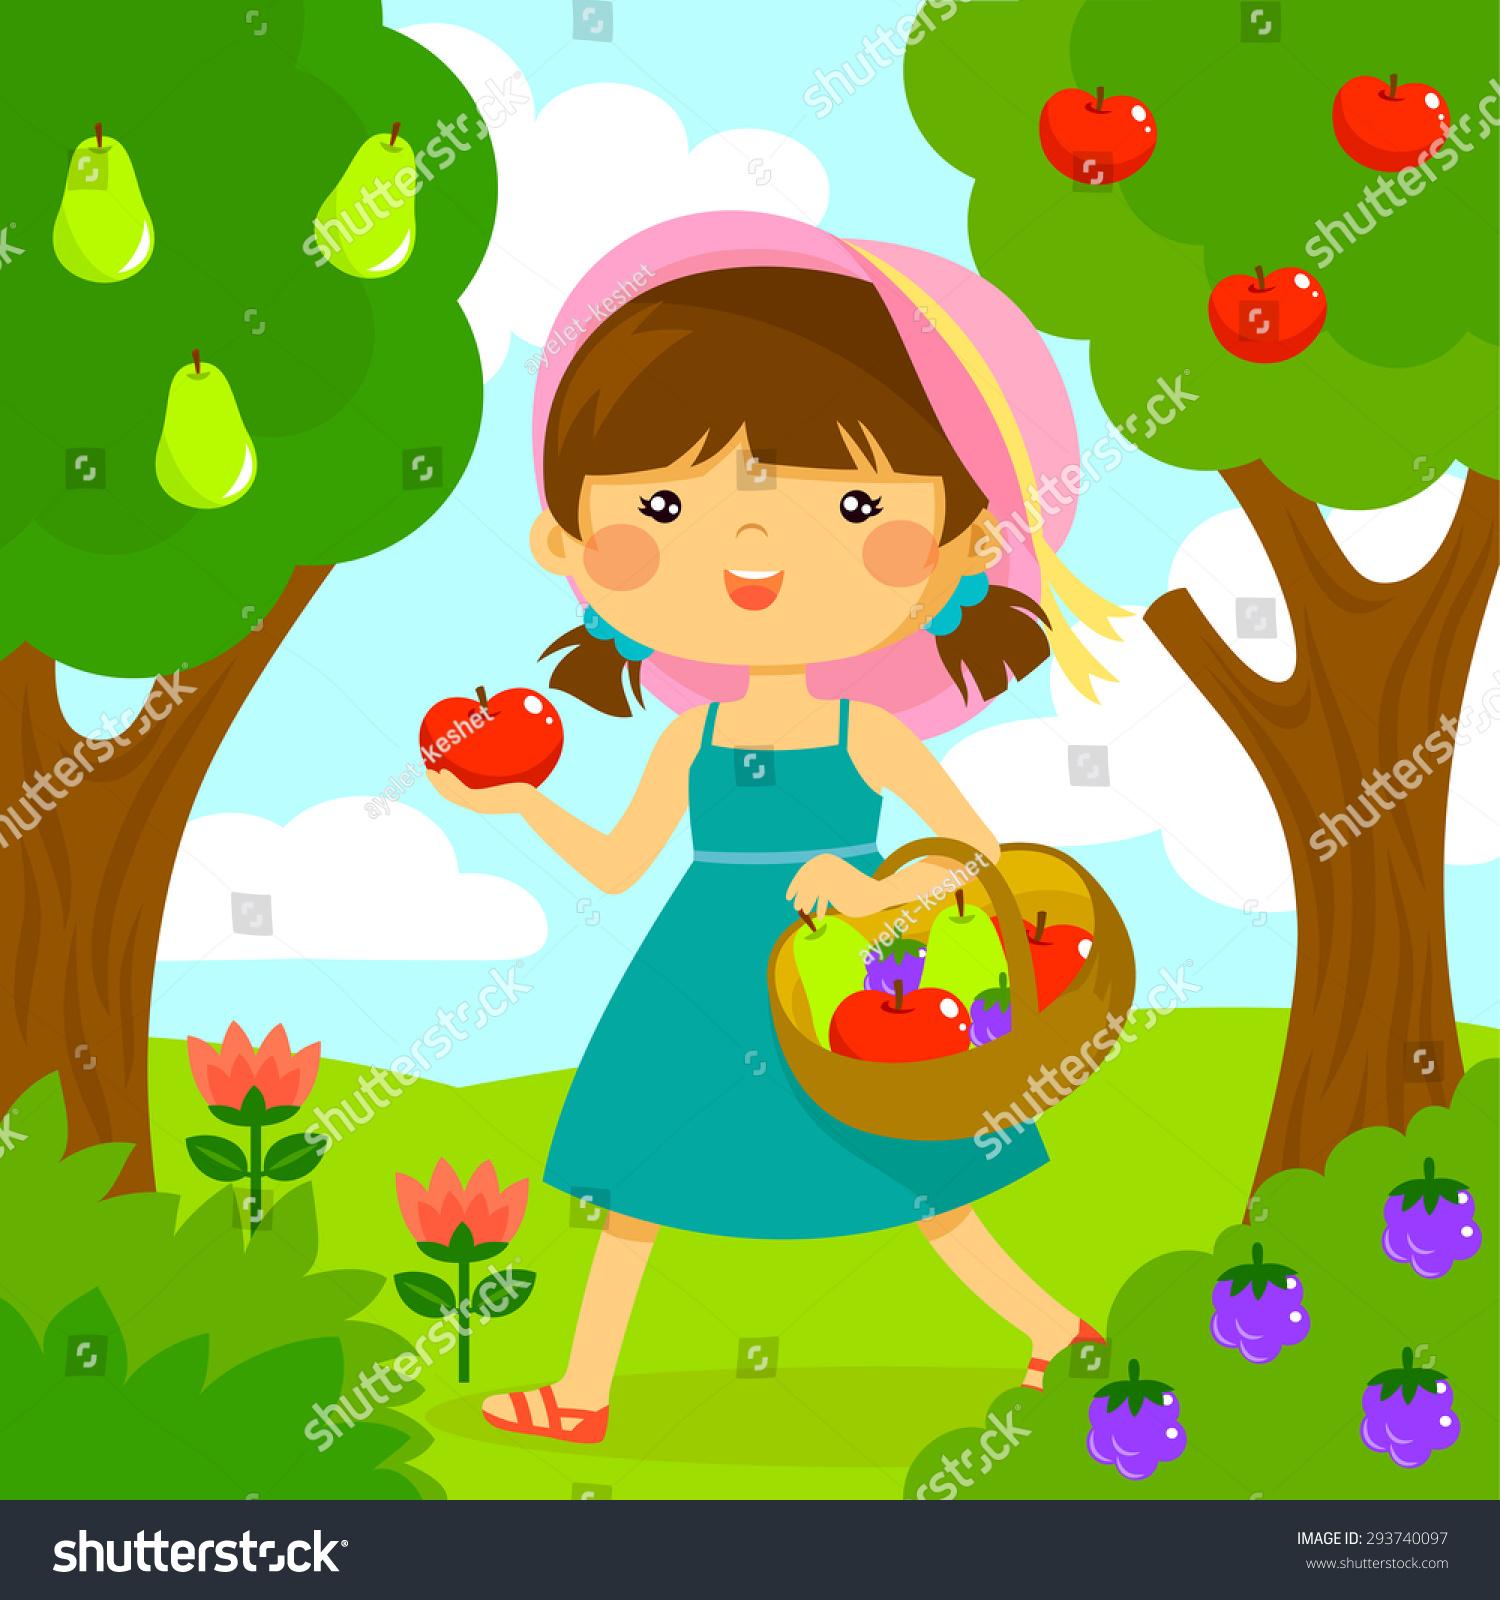 可爱的小女孩在果园里摘水果-人物